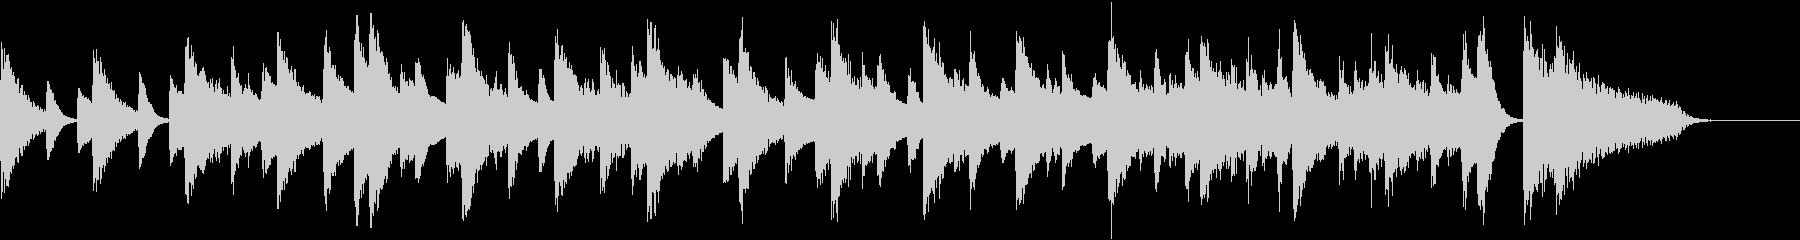 左手メロのアダルティジャズピアノジングルの未再生の波形